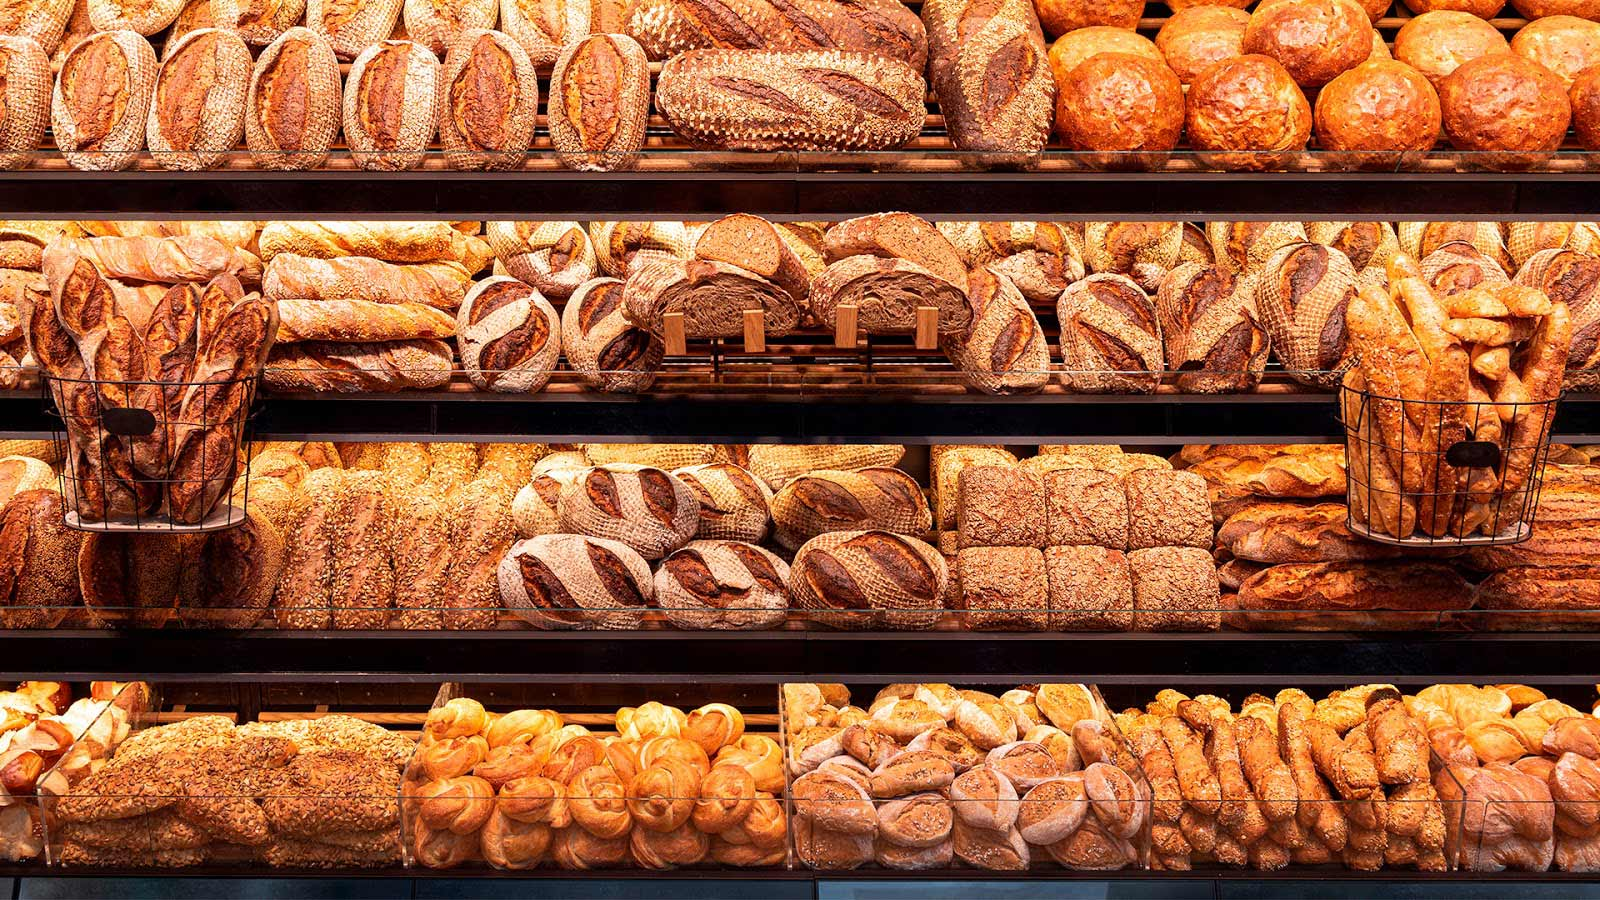 Formas de atraer más clientes a tu panadería